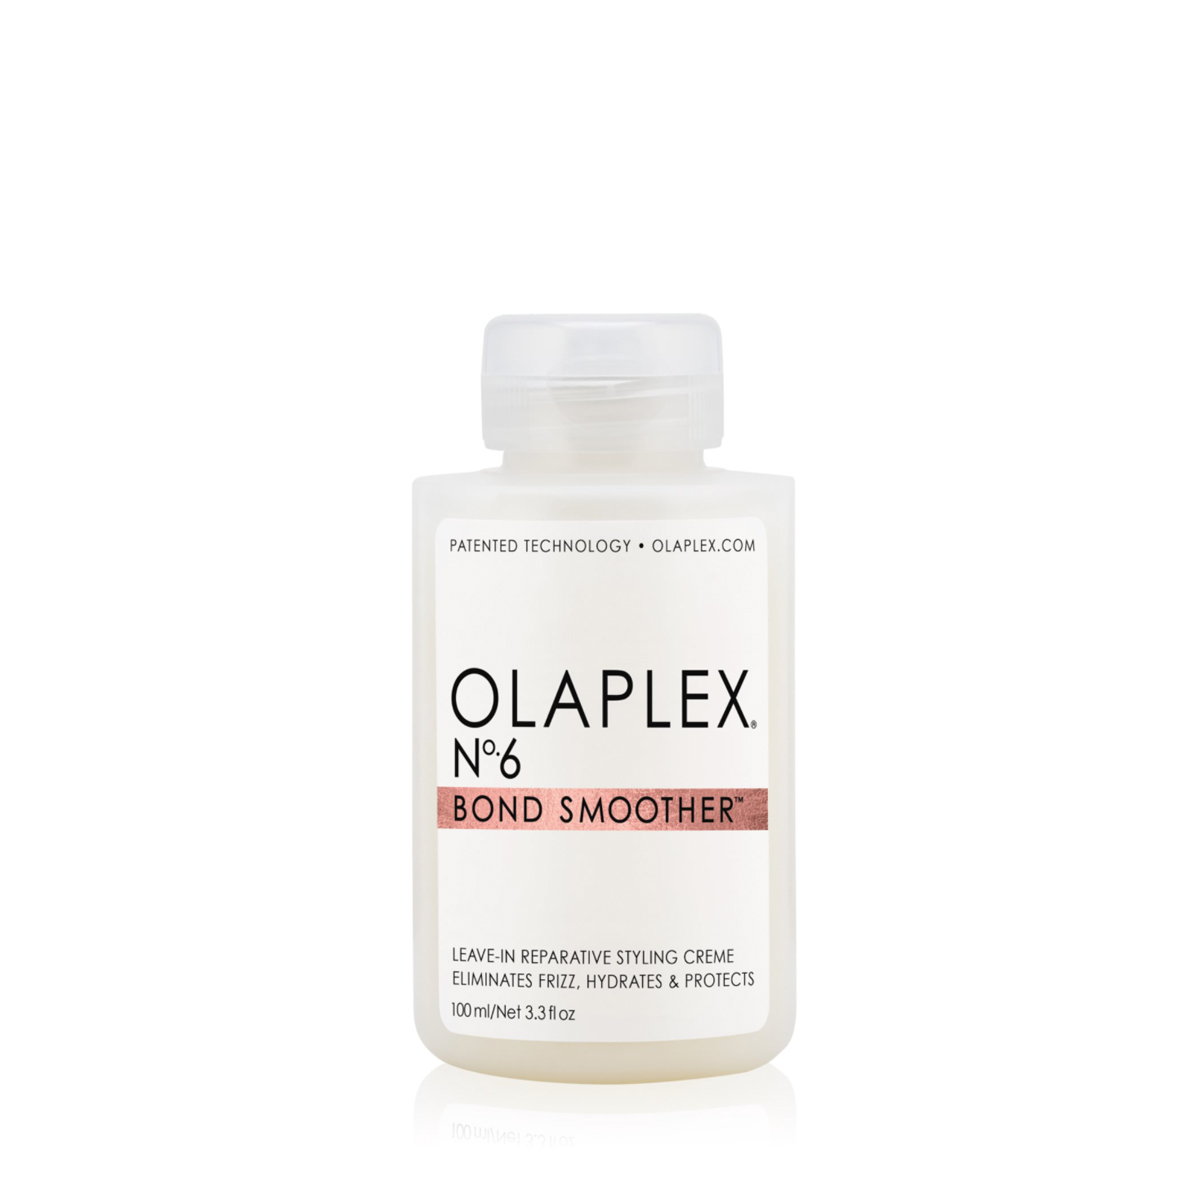 Olaplex n6 Ticino